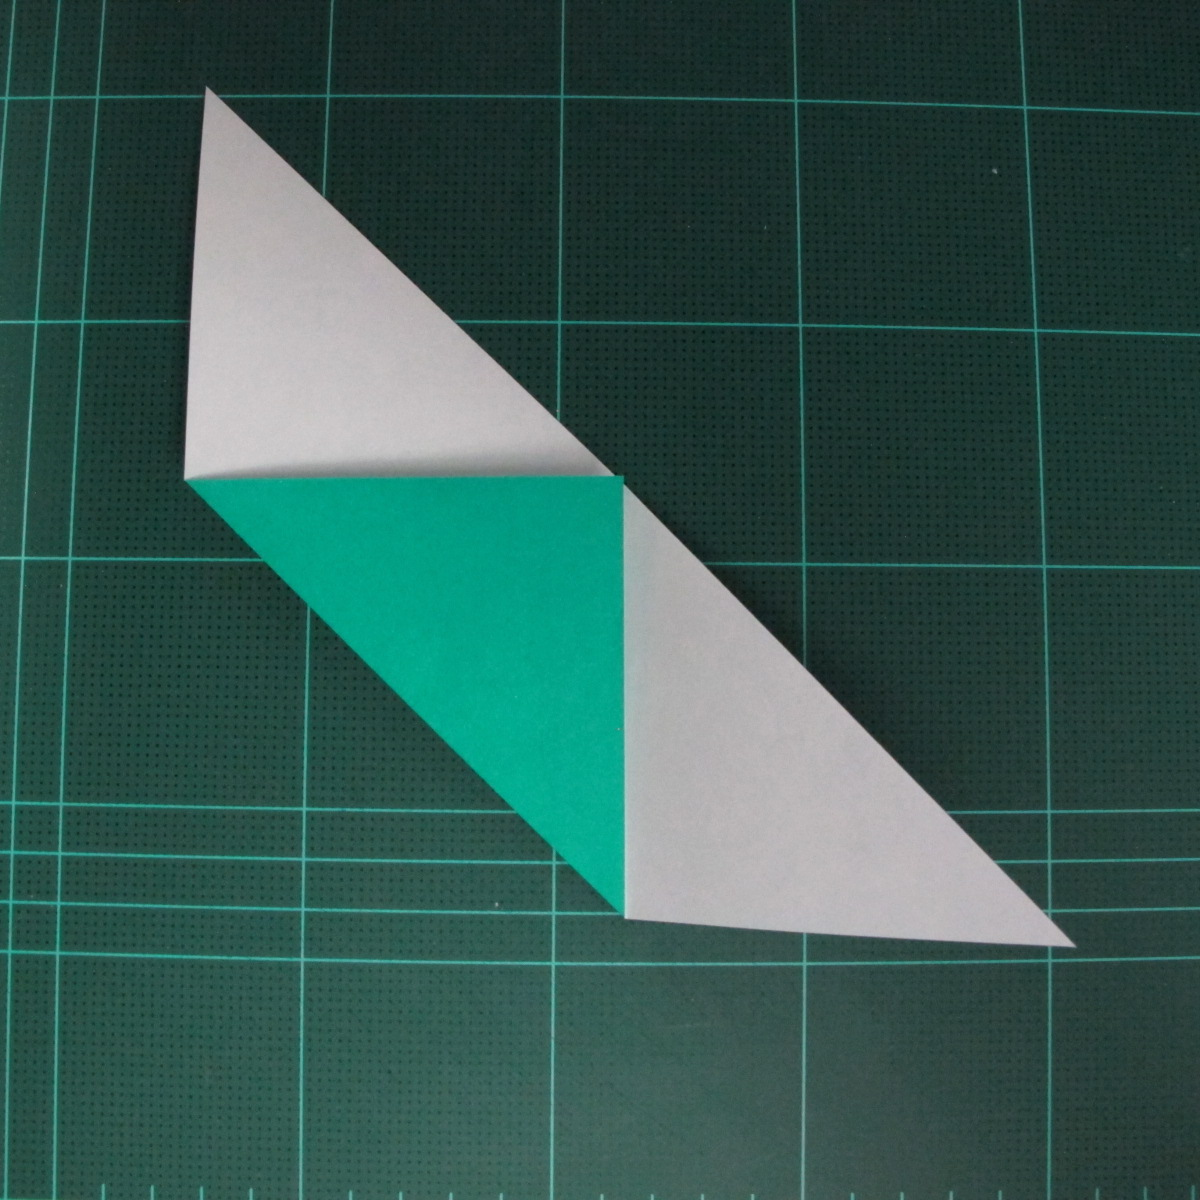 การพับกระดาษเป็นรูปเรือมังกร (Origami Dragon Boat) 009